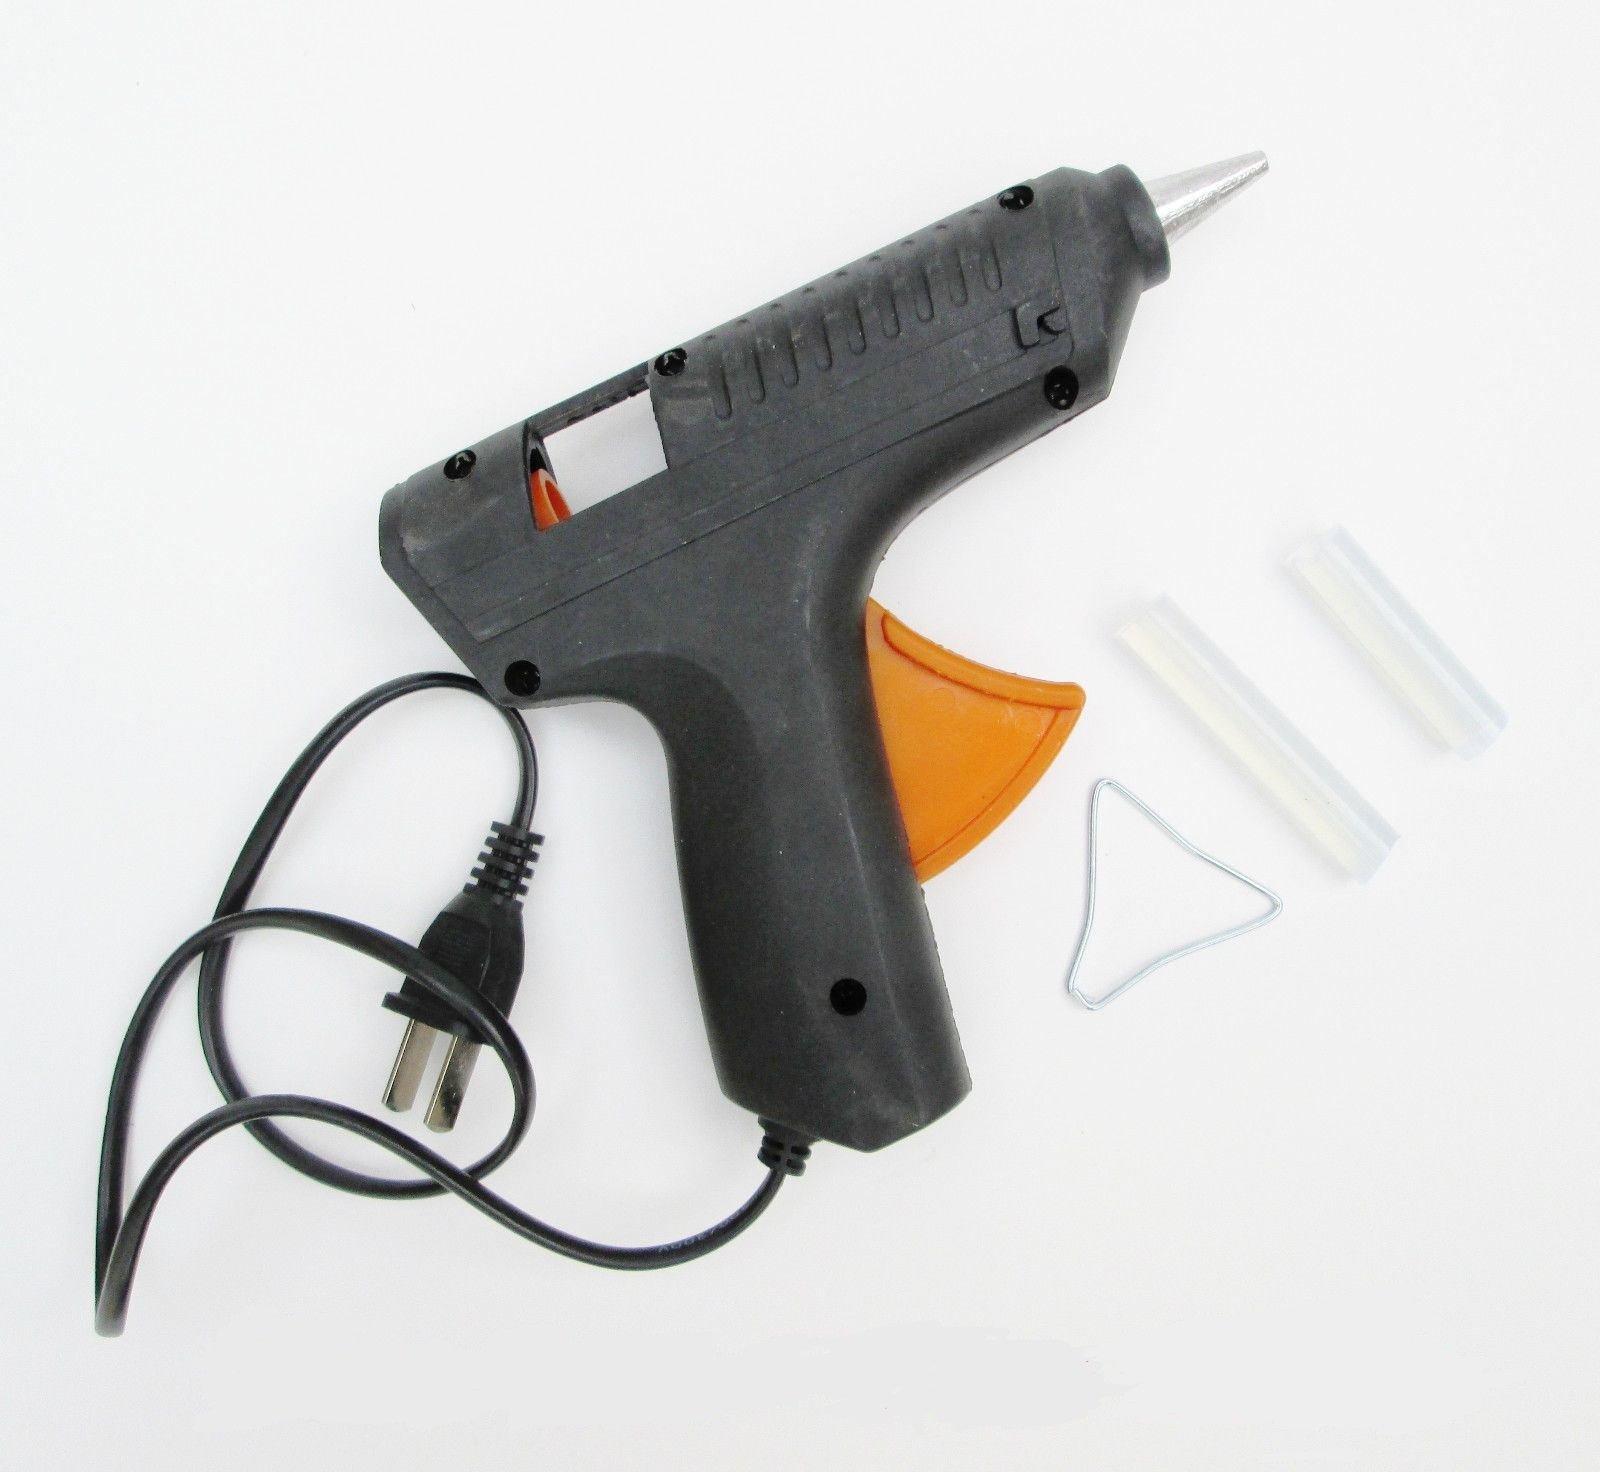 Wideskall 40w Standard Size High Temp Hot Melt Glue Gun Ul